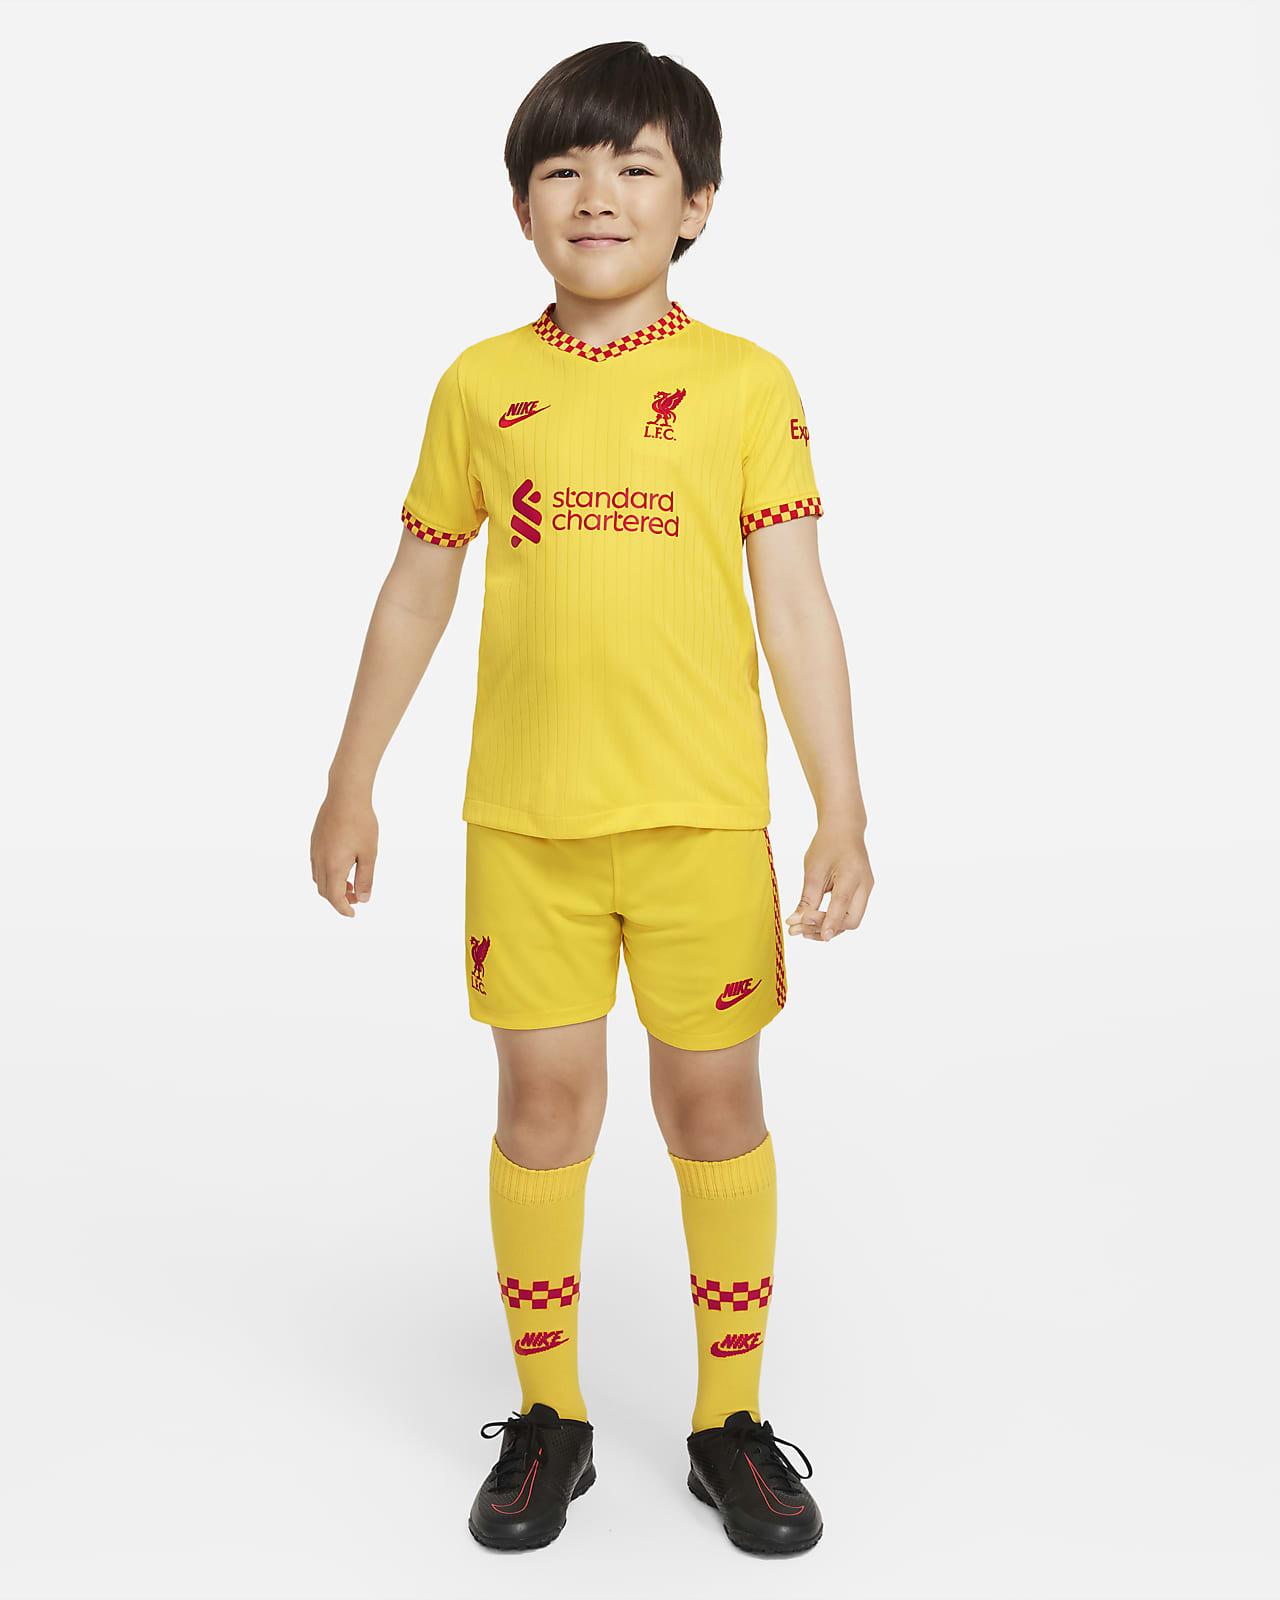 Εναλλακτική εμφάνιση ποδοσφαίρου Nike Dri-FIT Λίβερπουλ 2021/22 για μικρά παιδιά